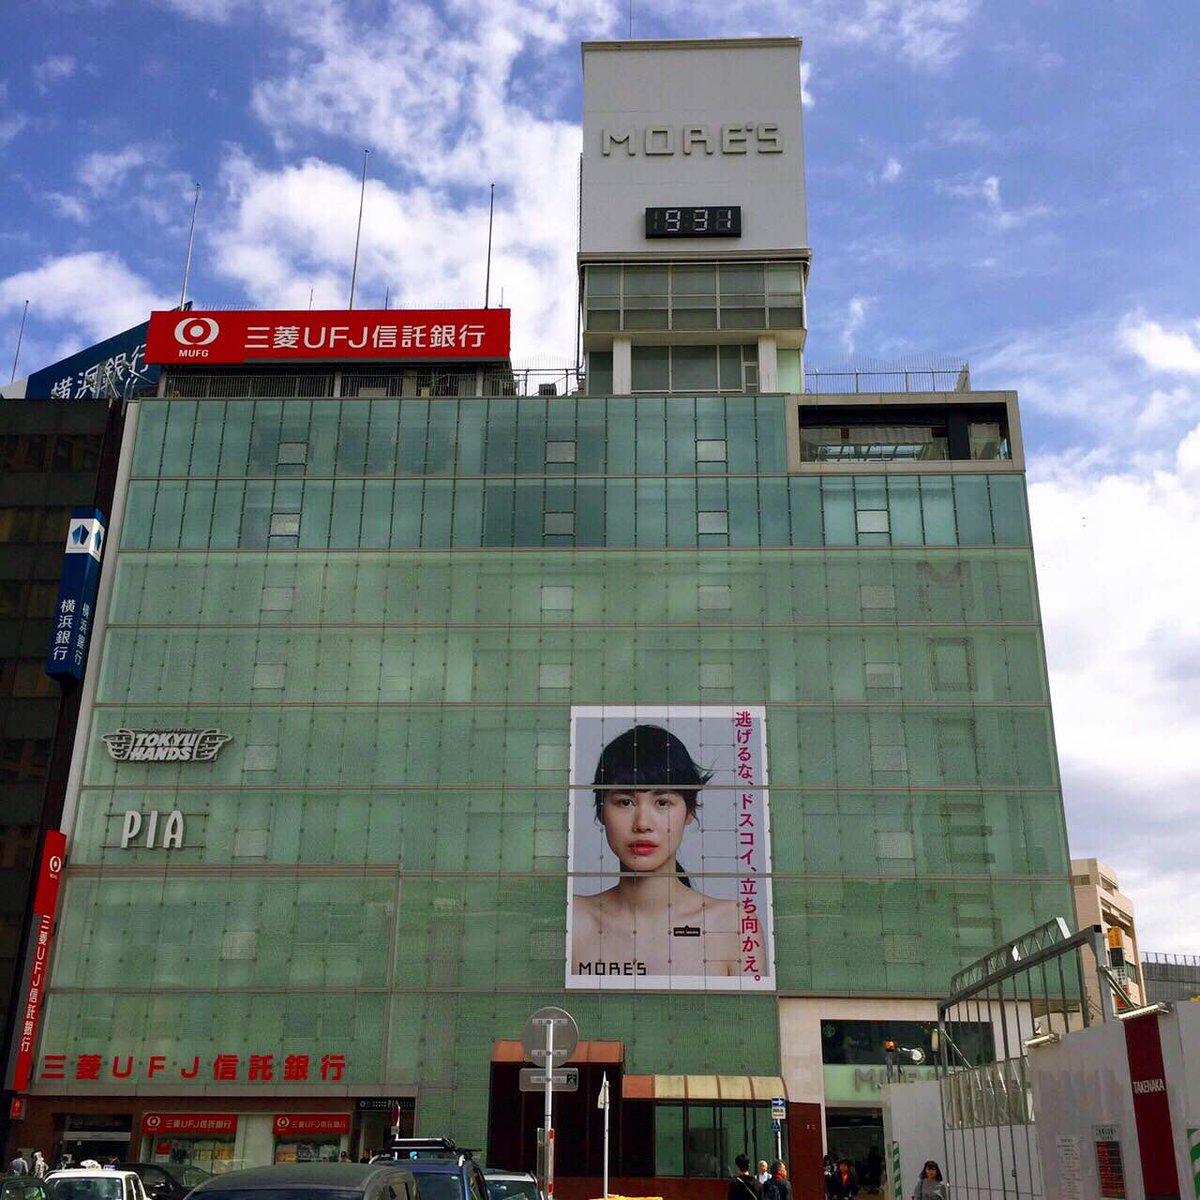 """【逃げるな、ドスコイ、立ち向かえ。】  モアーズ 夏の広告は、春に引き続き、 モデルの""""田中シェン""""さんです!  彼女の魅力がたっぷりつまったこの広告。横浜駅やモアーズ館内にてご覧いただけます! https://t.co/lFOnYQEr0W"""